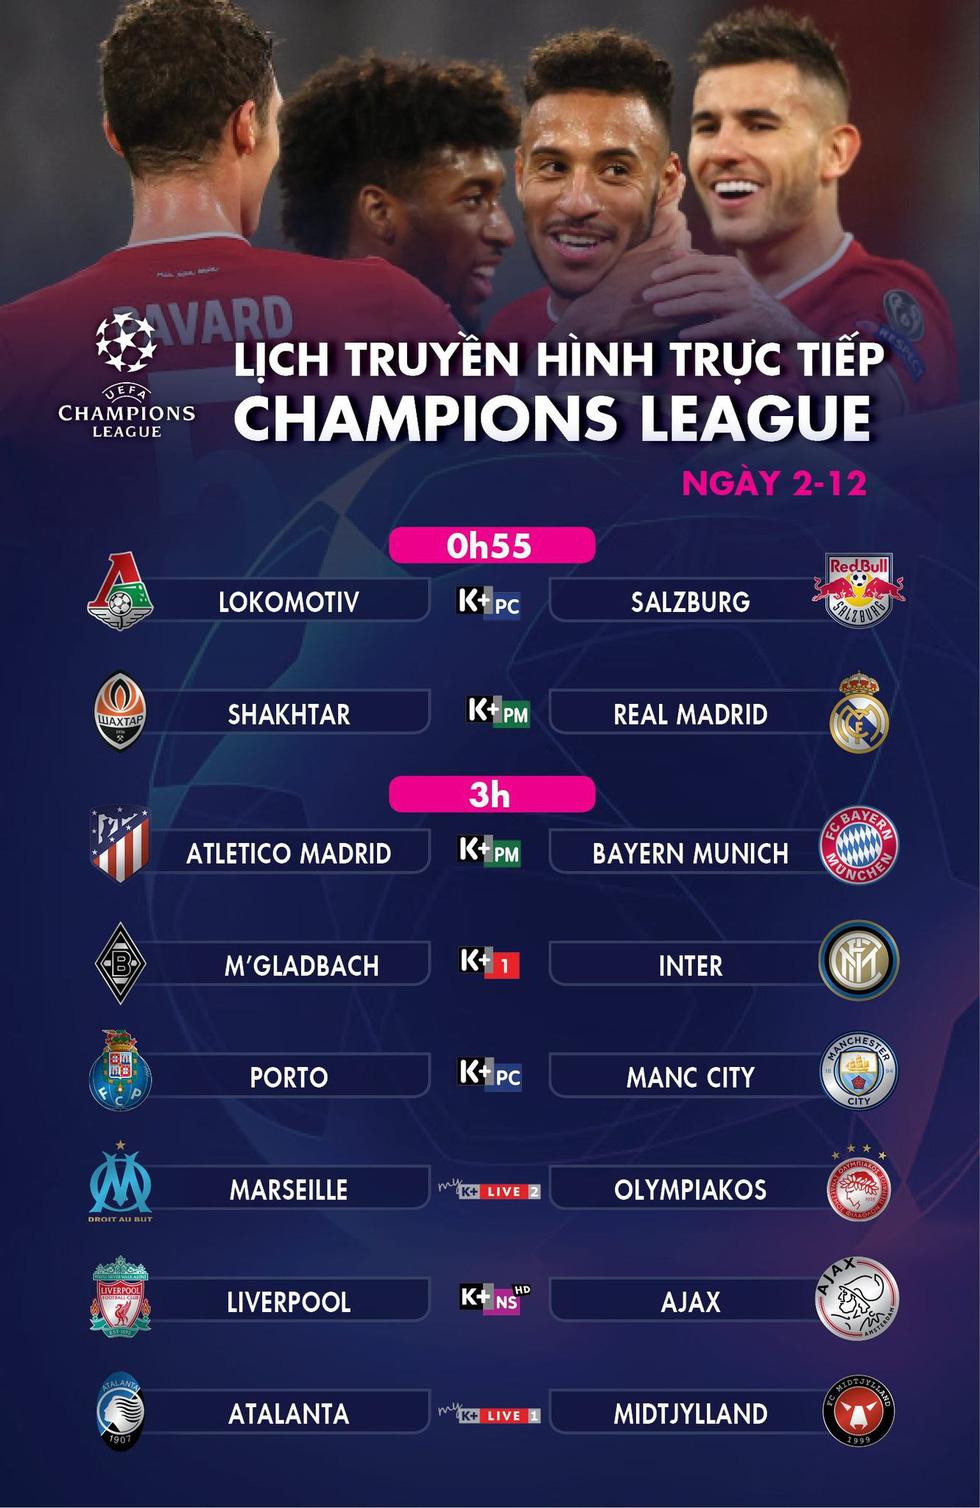 Lịch trực tiếp Champions League 2-12: Nhiều ông lớn ra sân - Ảnh 1.